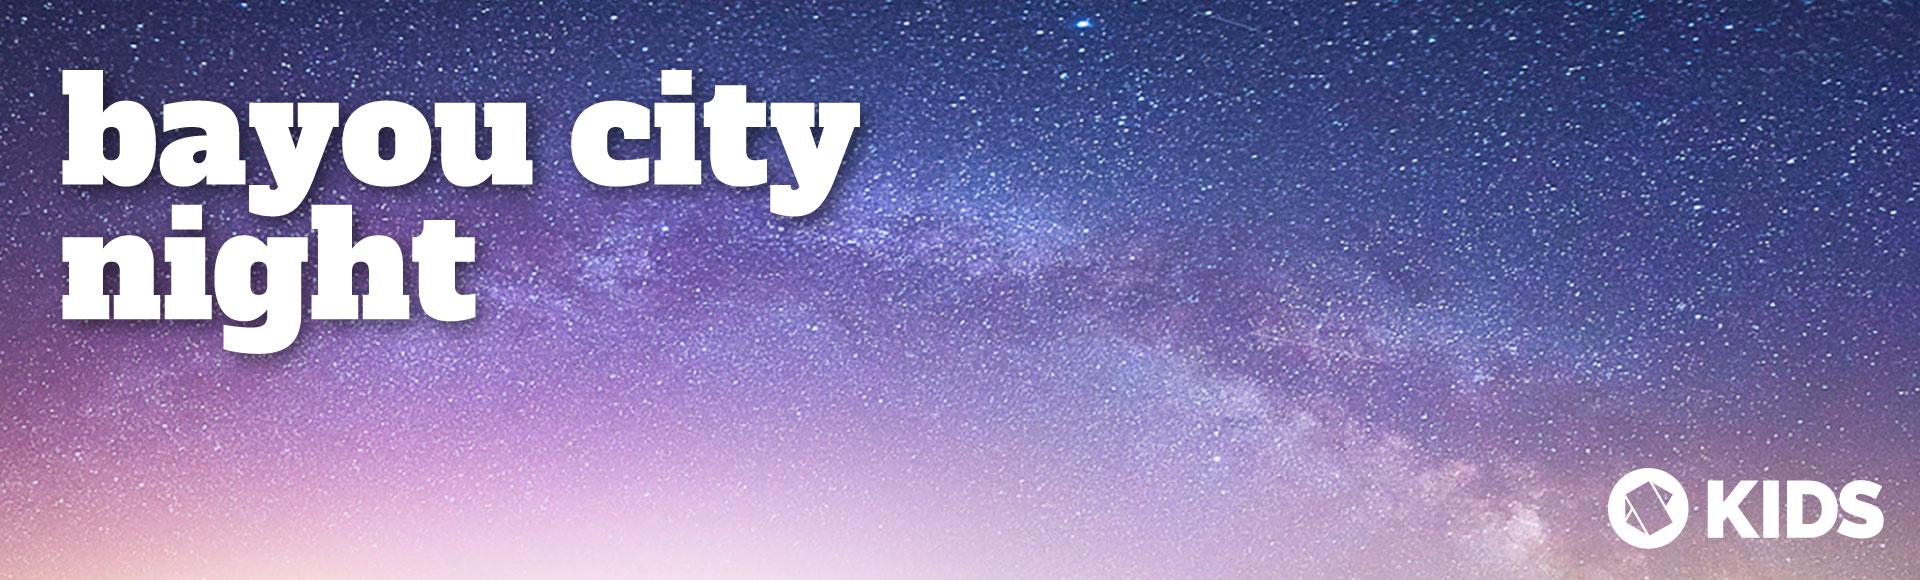 BCF_CityNight-Web-1920x580